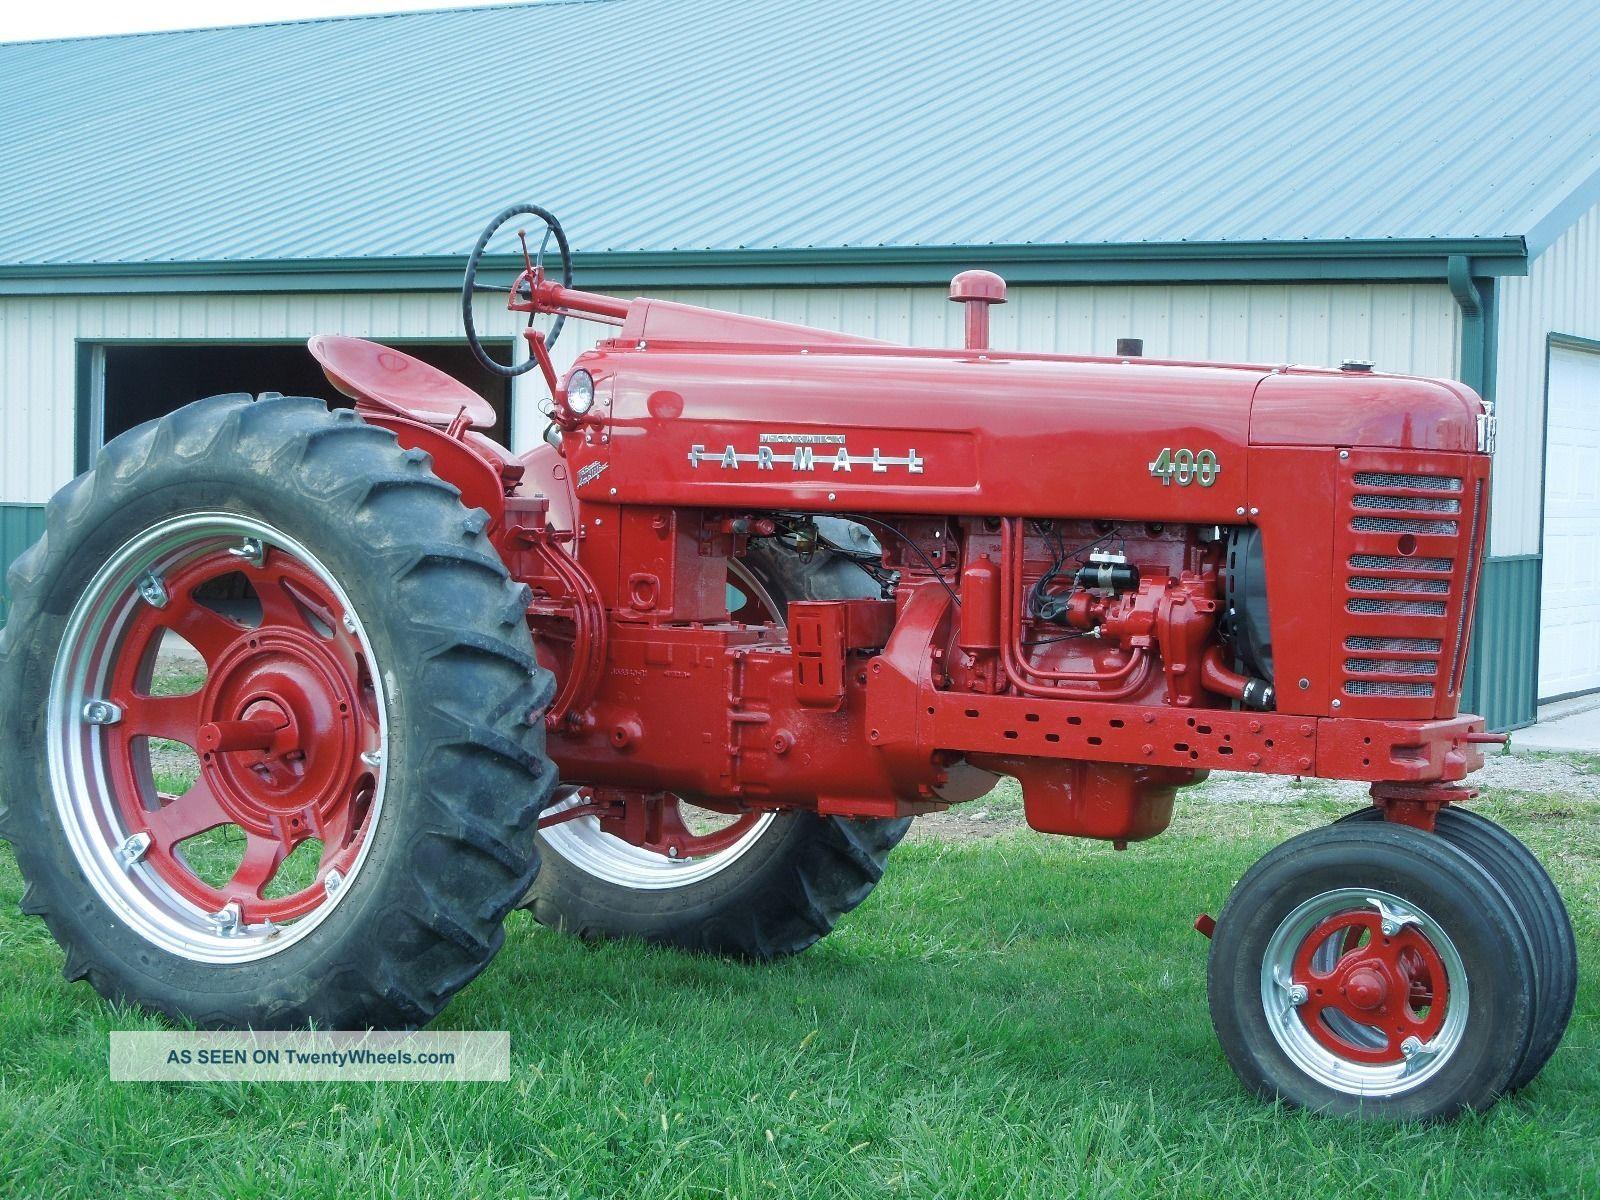 Farmall 400 Tractor : Farmall tractor